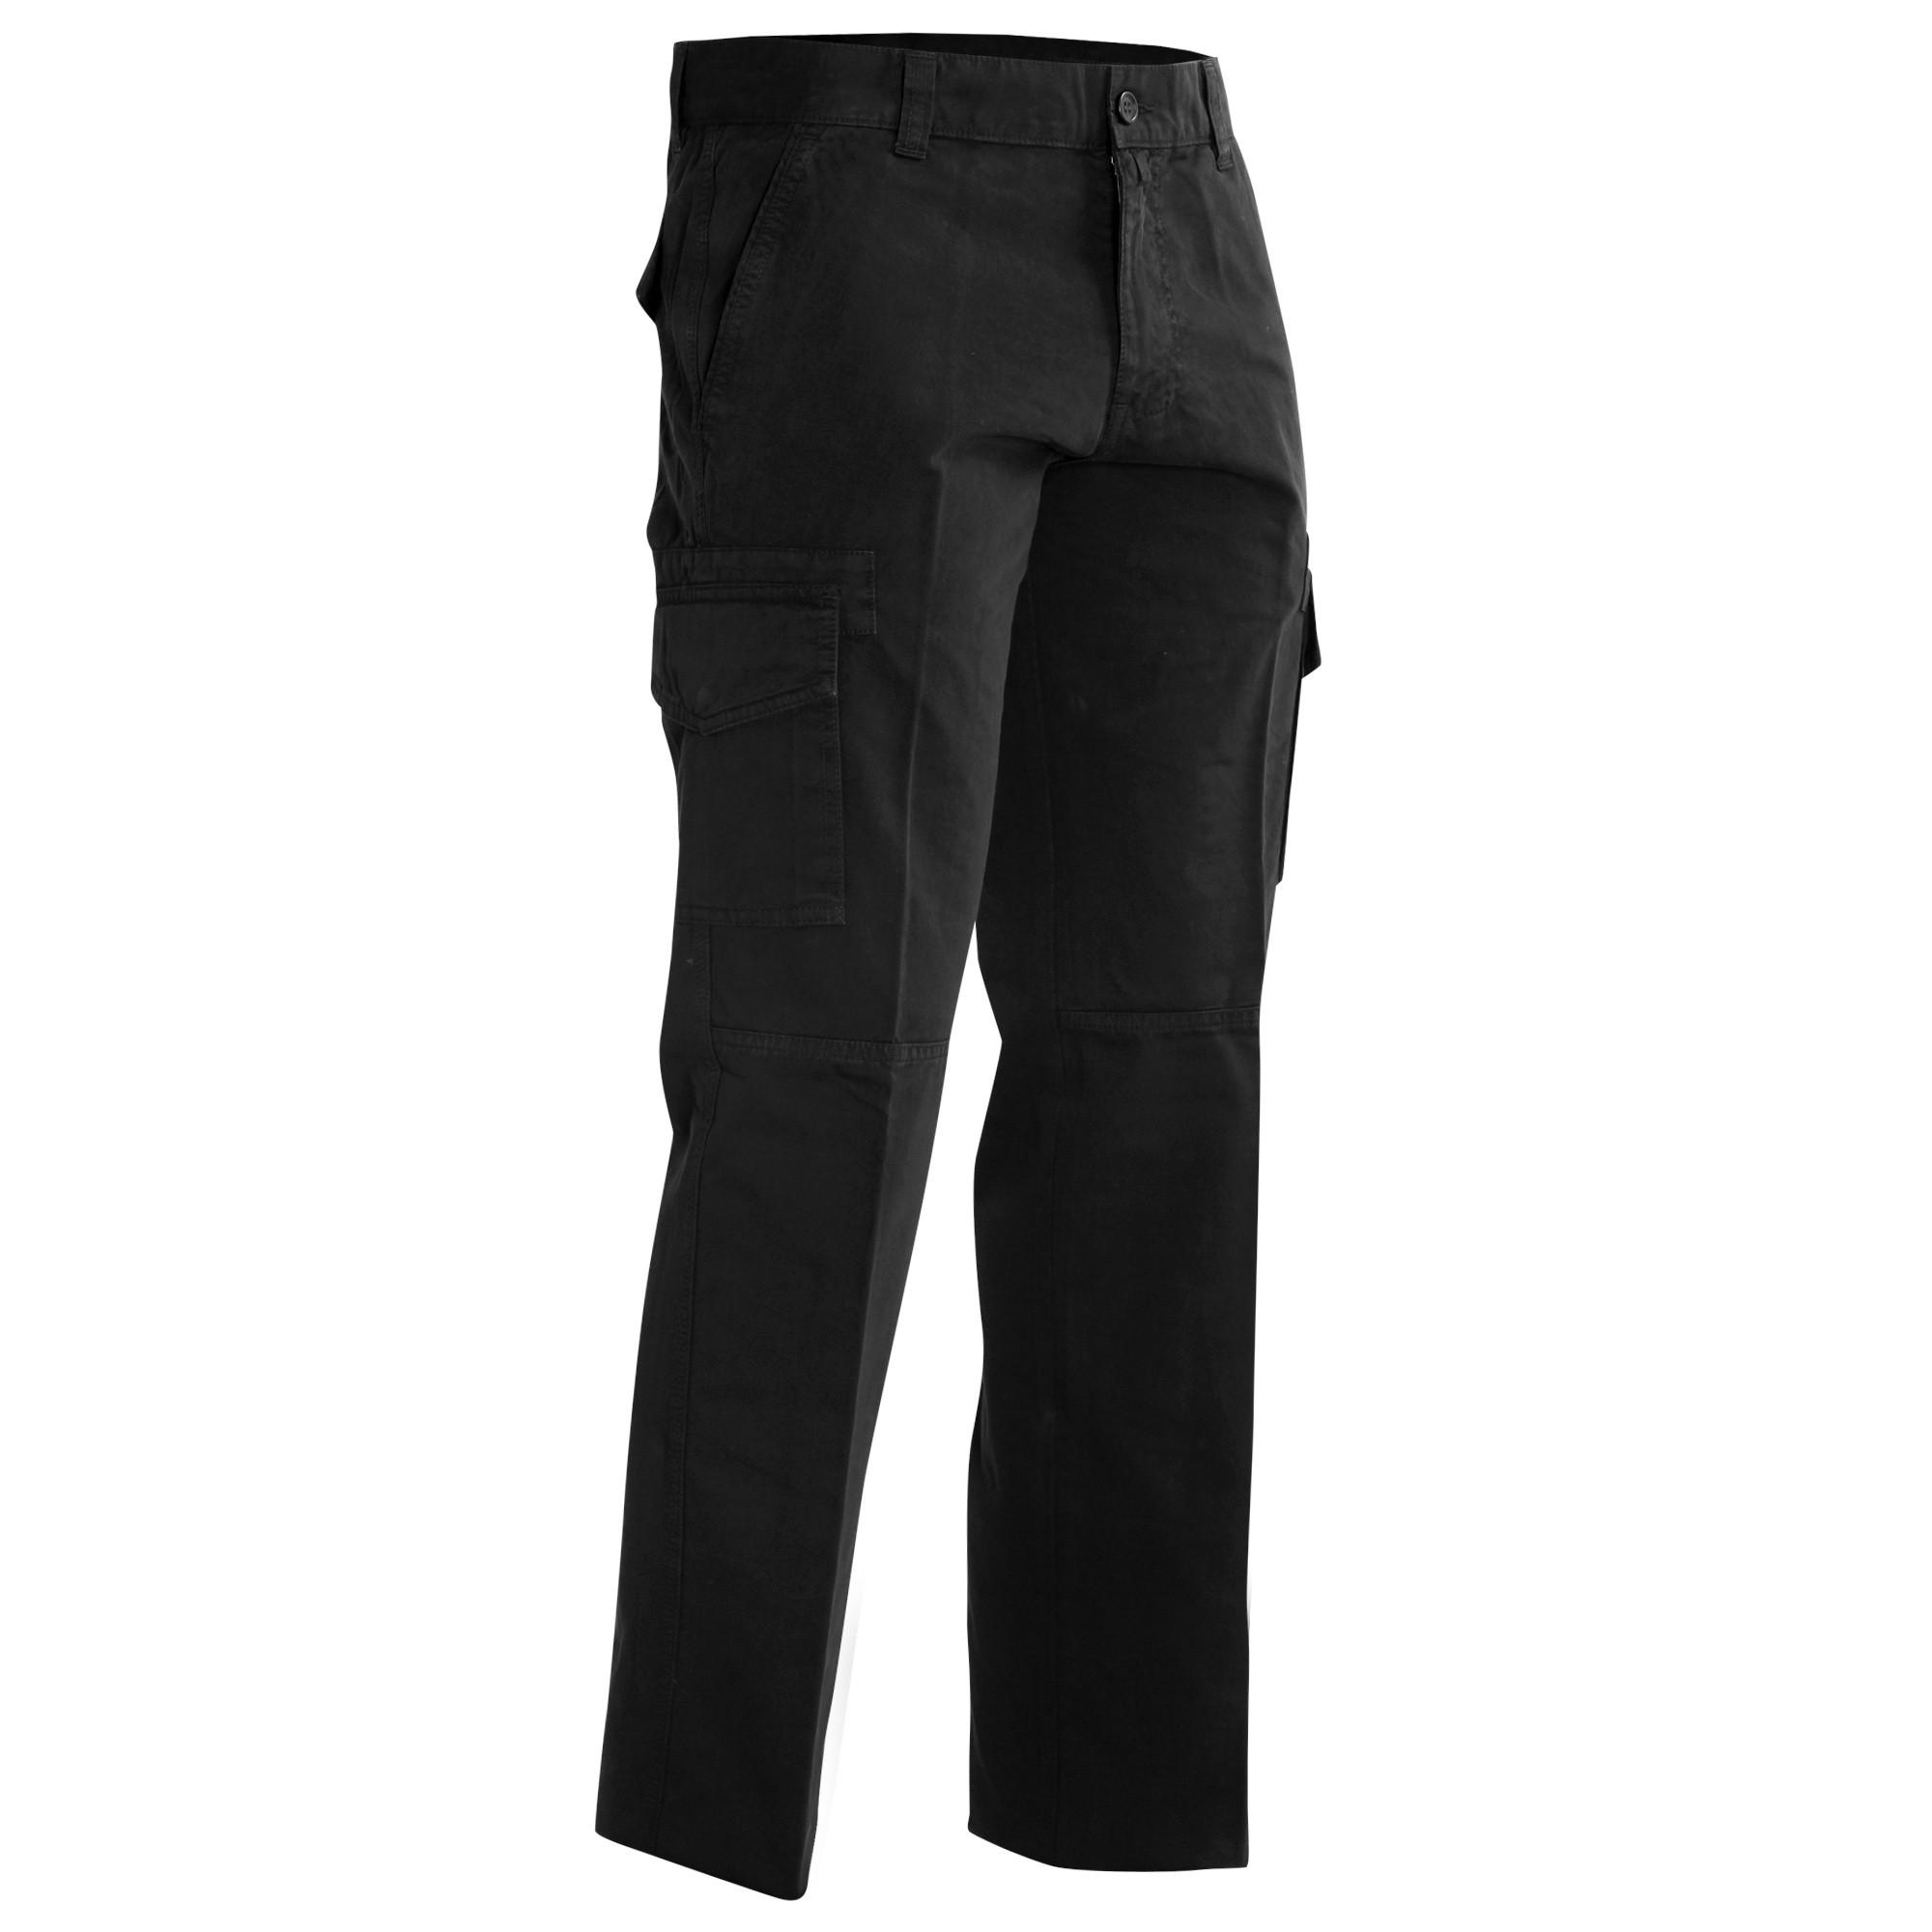 Slam Groveland pantalone uomo